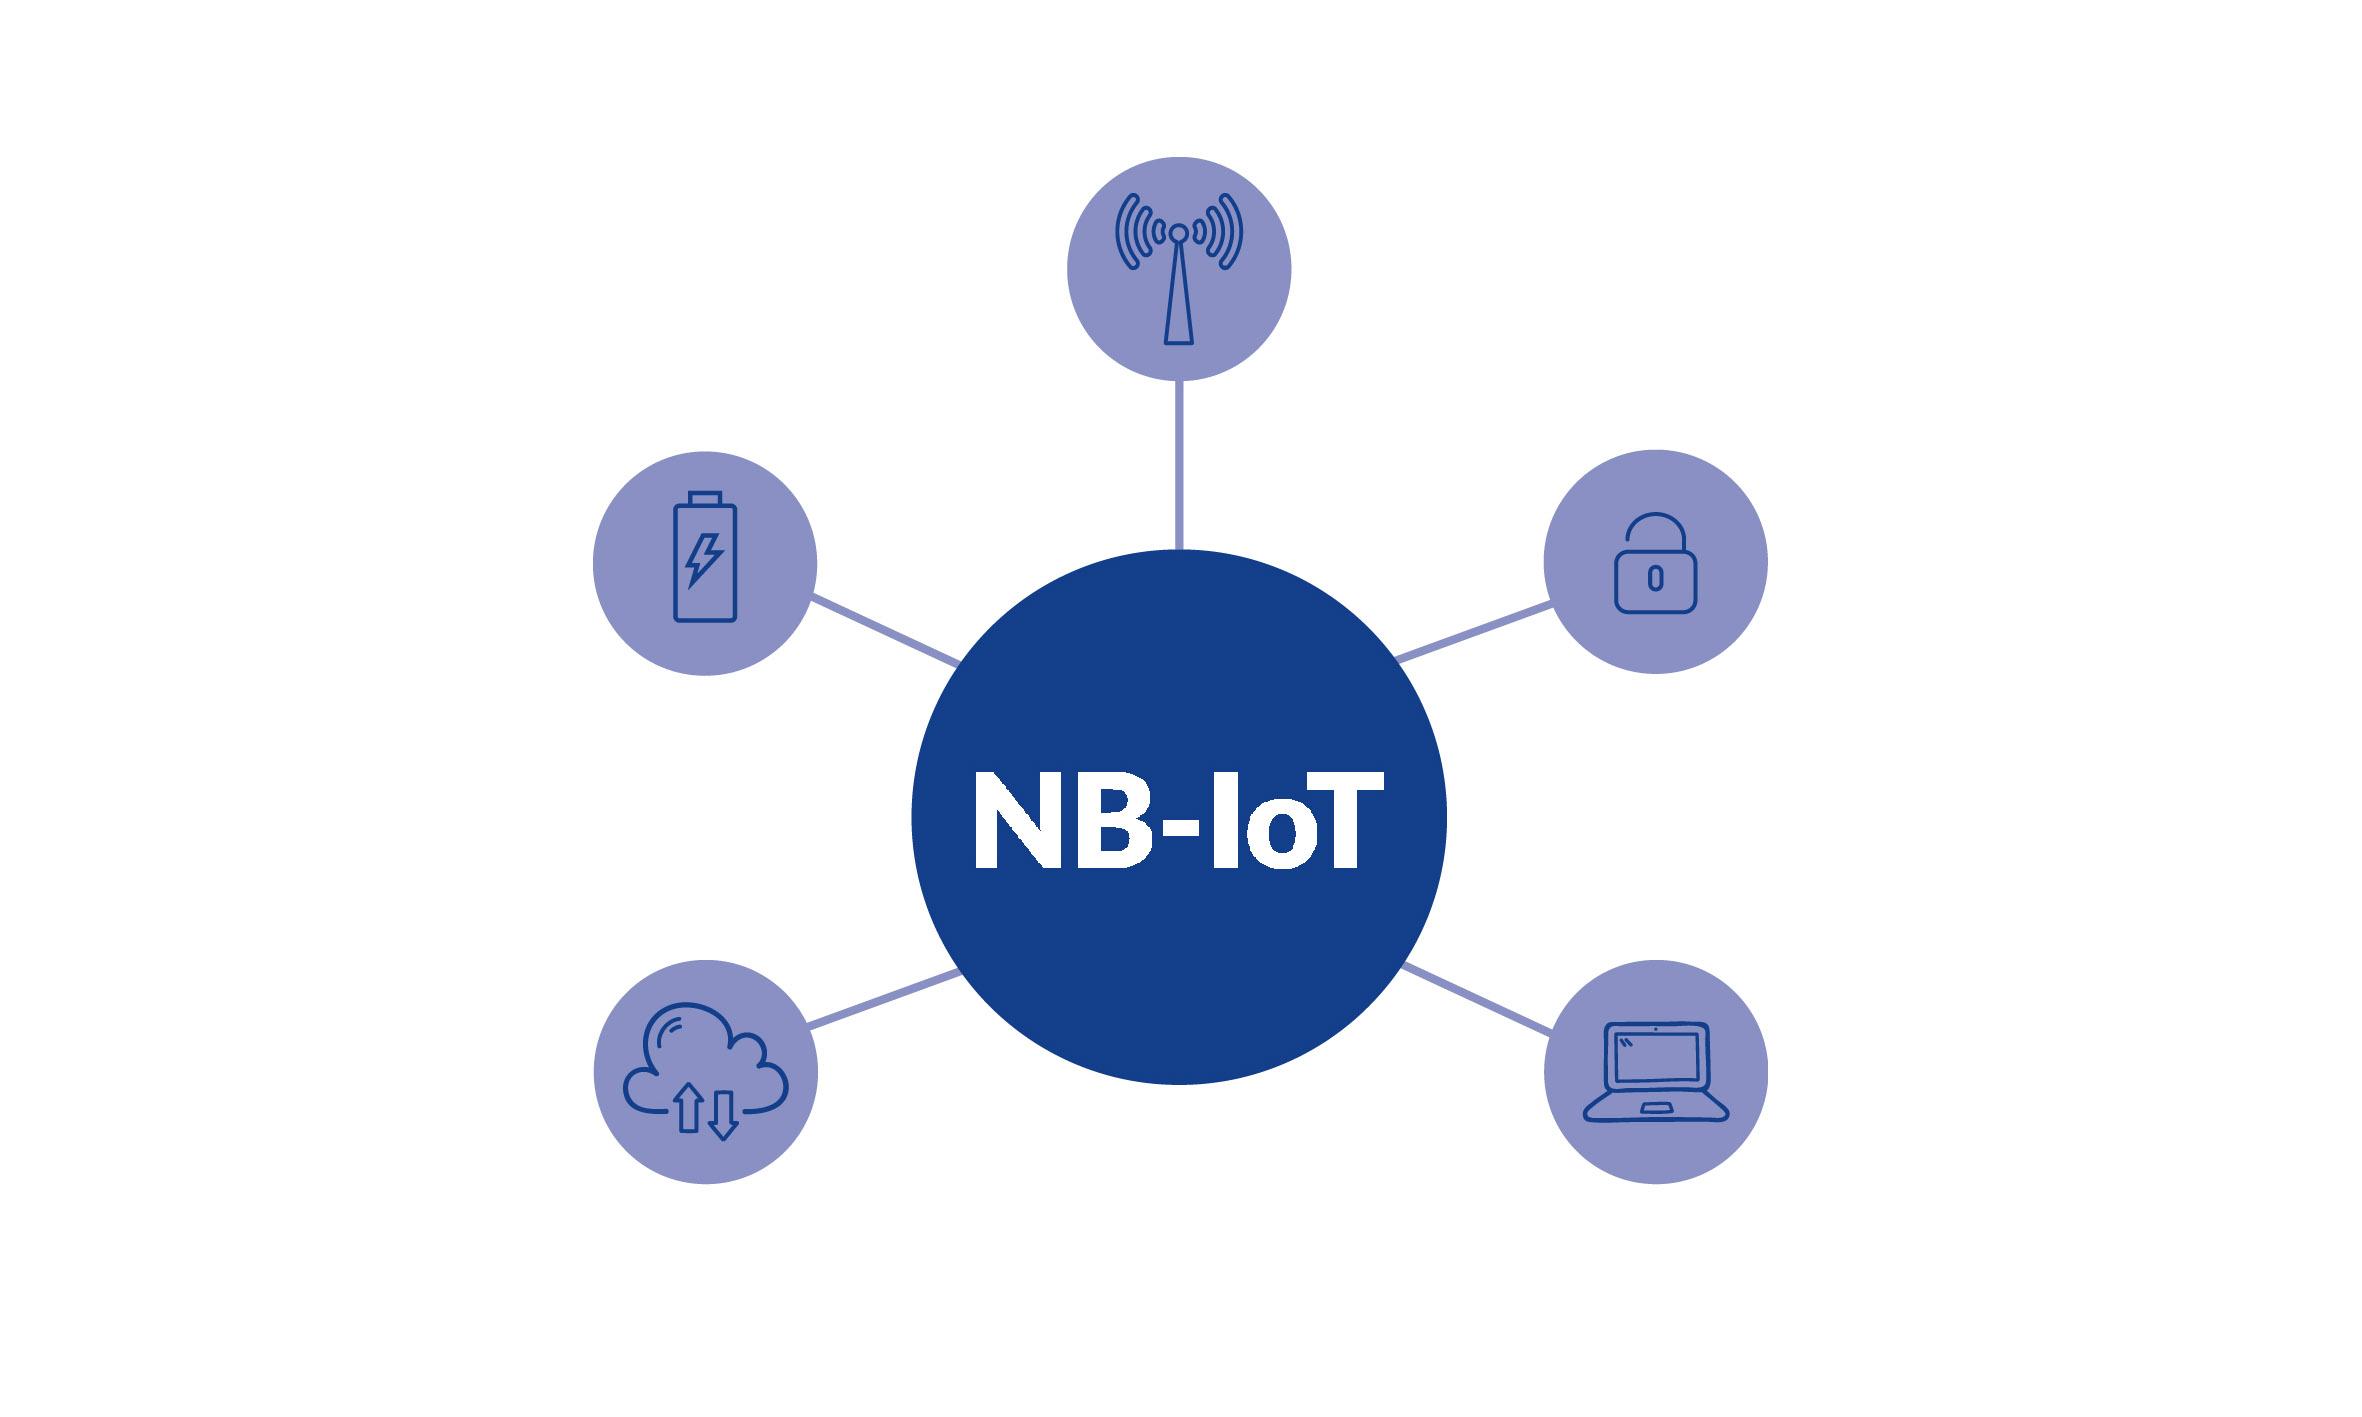 پروتکل NB-IoT : آشنایی با پروتکل های LPWan (قسمت سوم)